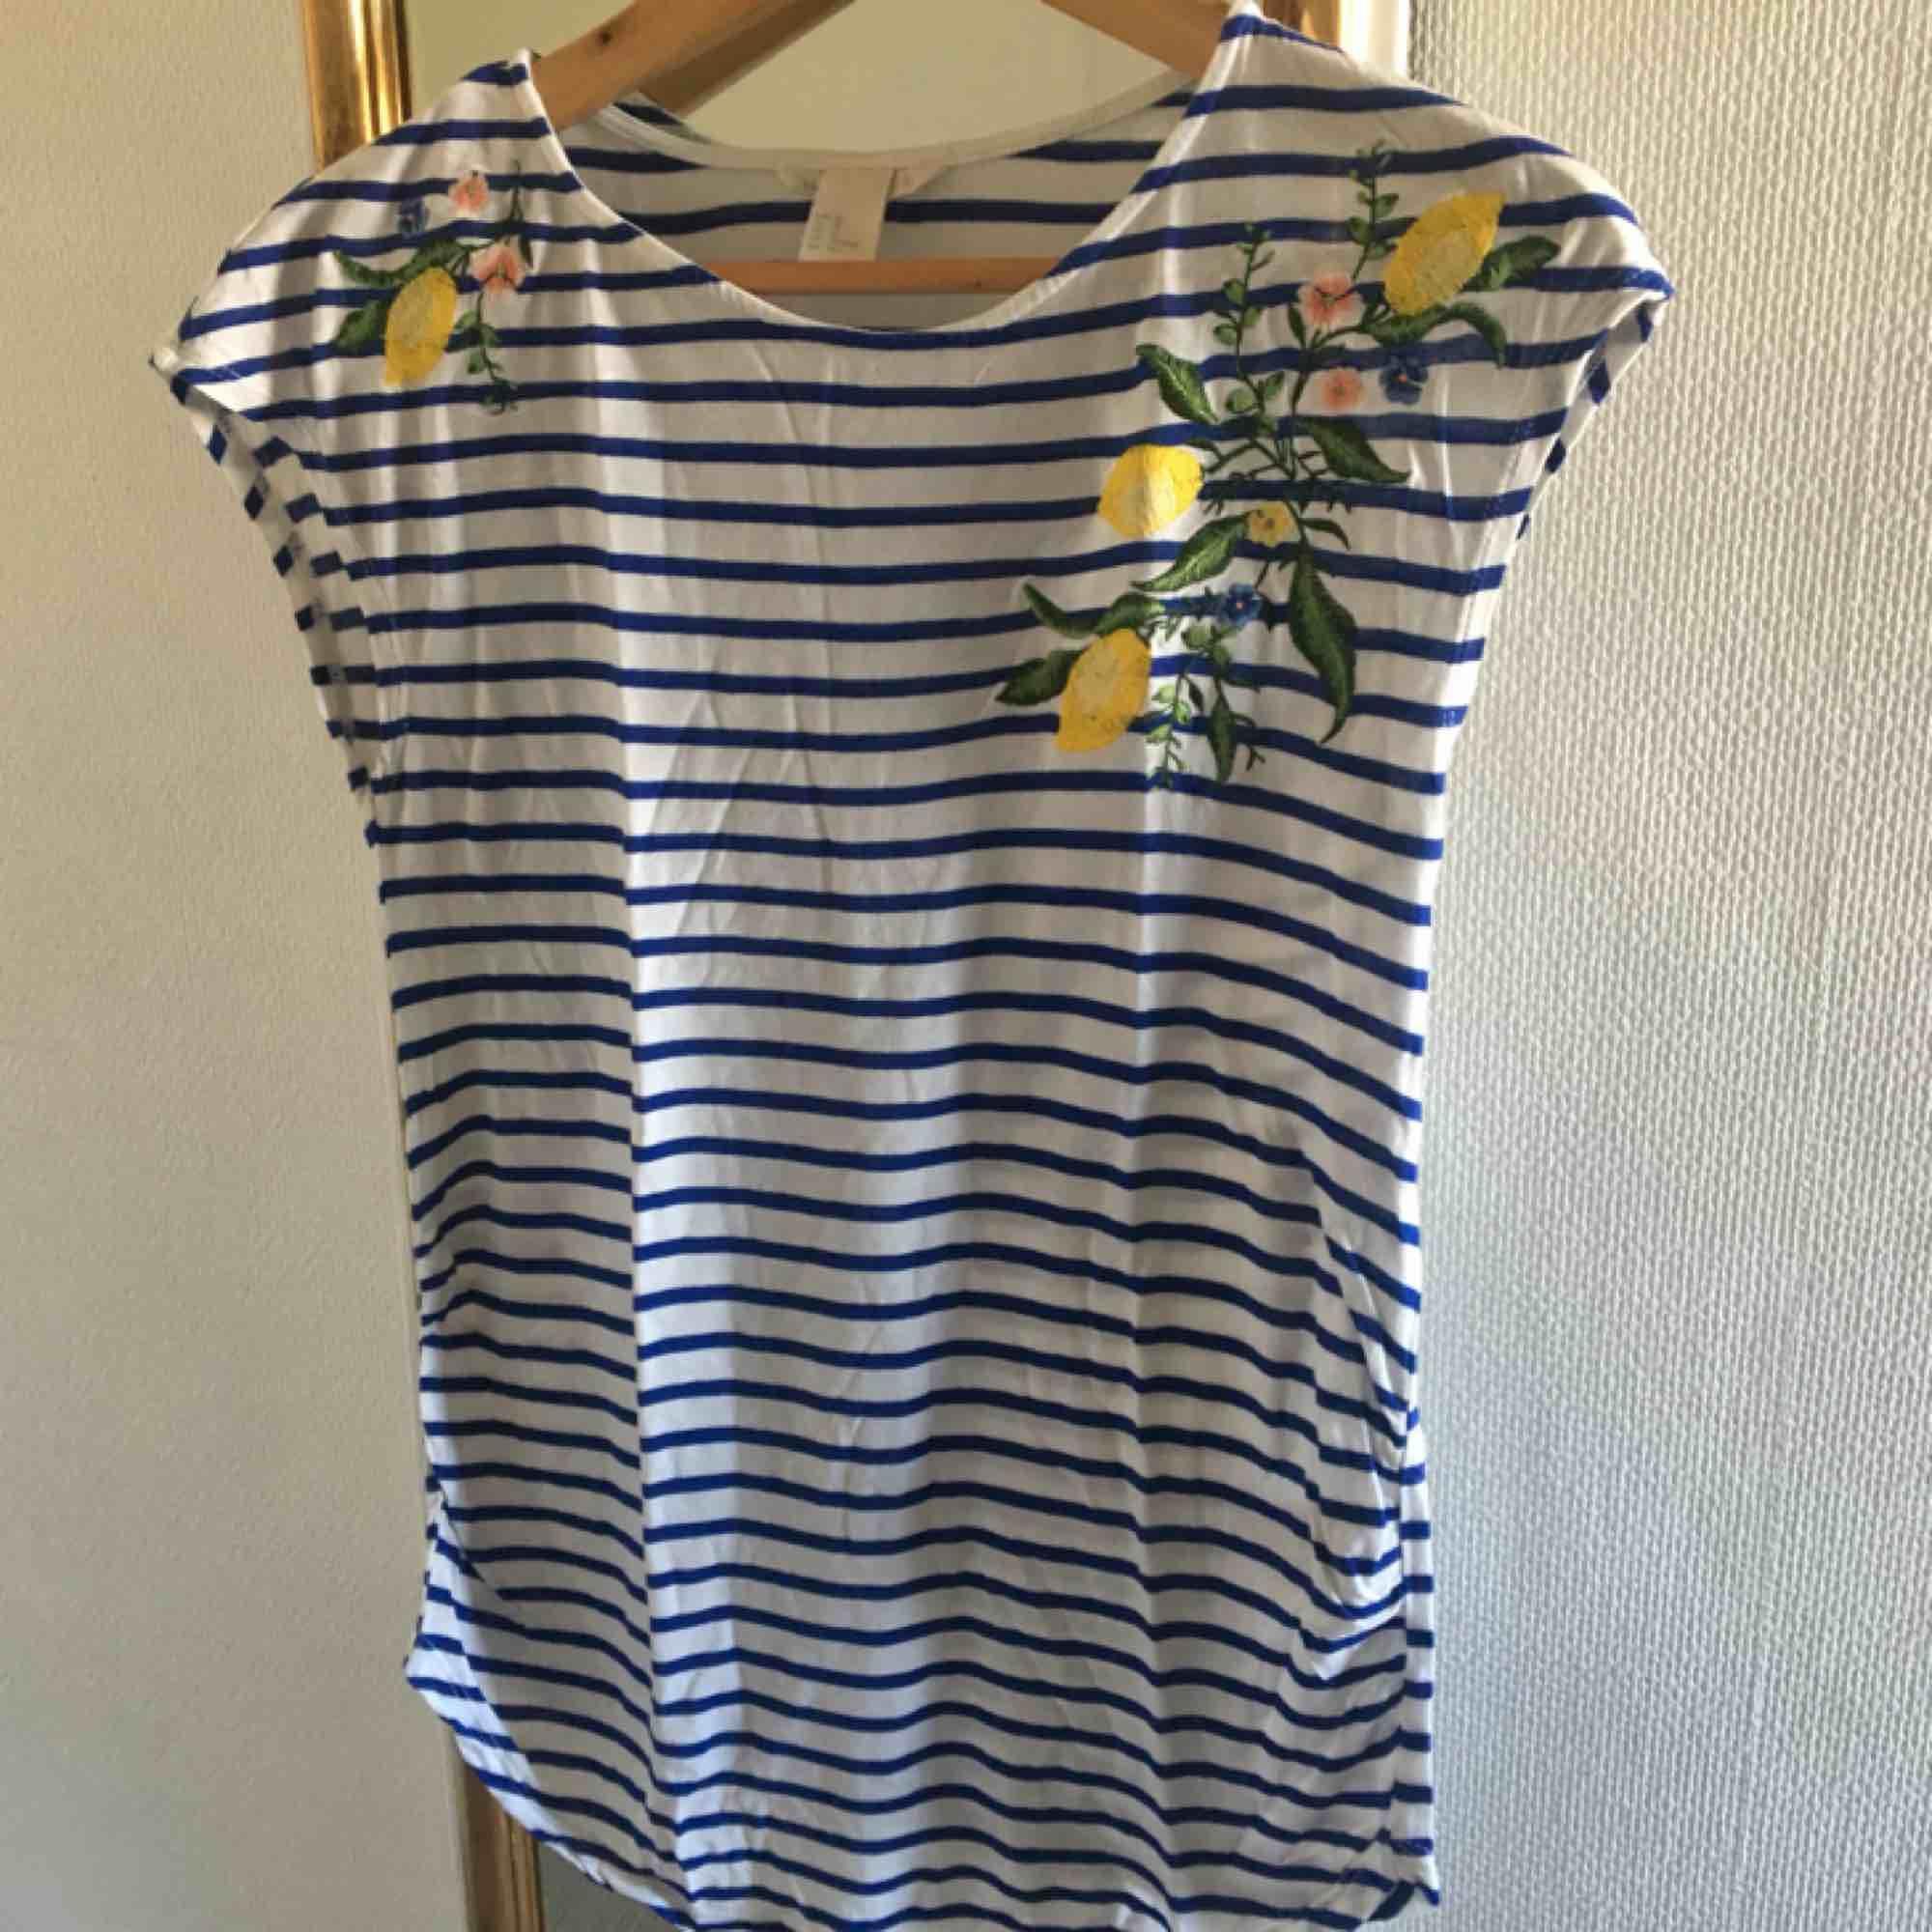 Söt, blåvit-randig tröja från H&M! På tröjan finns flera broderade citroner och små blommor. Den är i strl XS och har inte använts så mycket. Köparen står för frakt 🥰. Toppar.